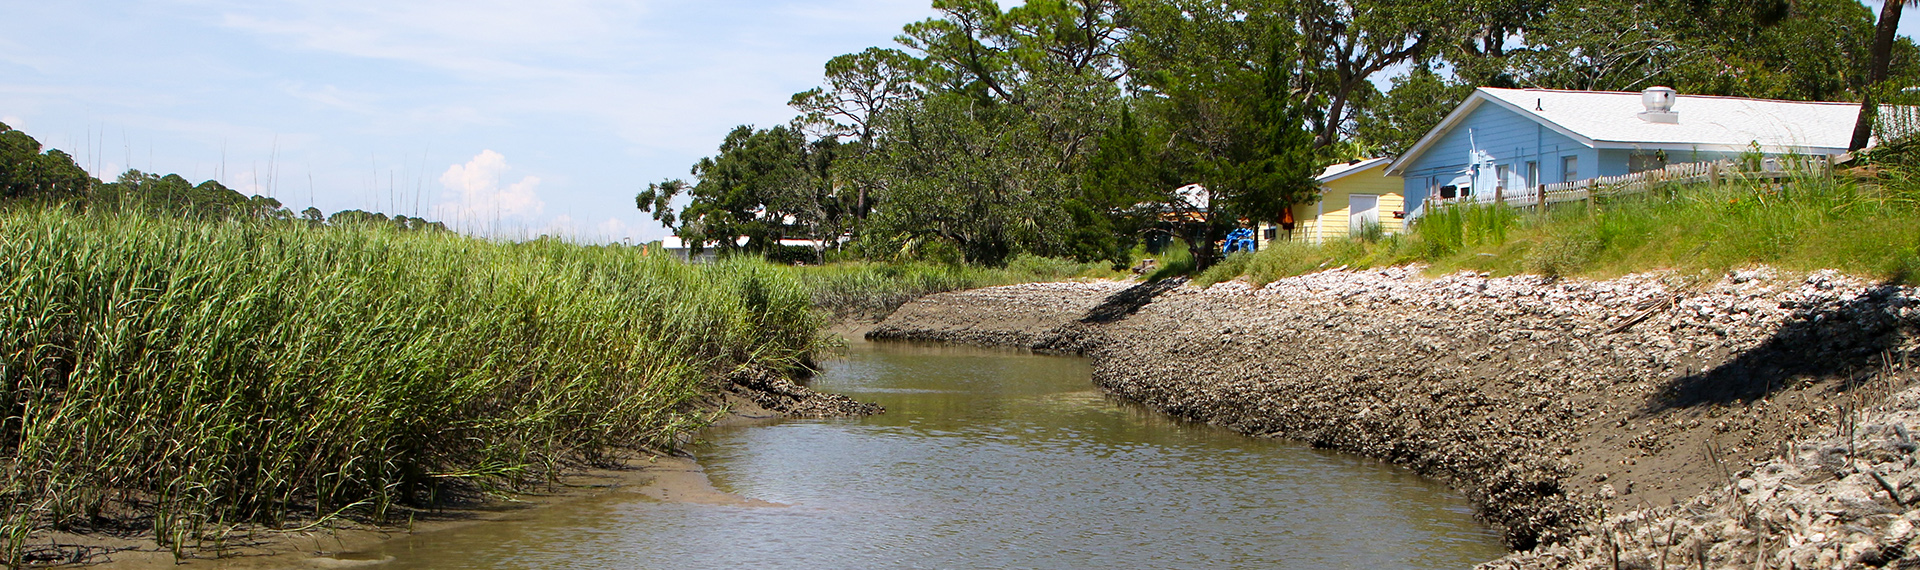 shoreline hp